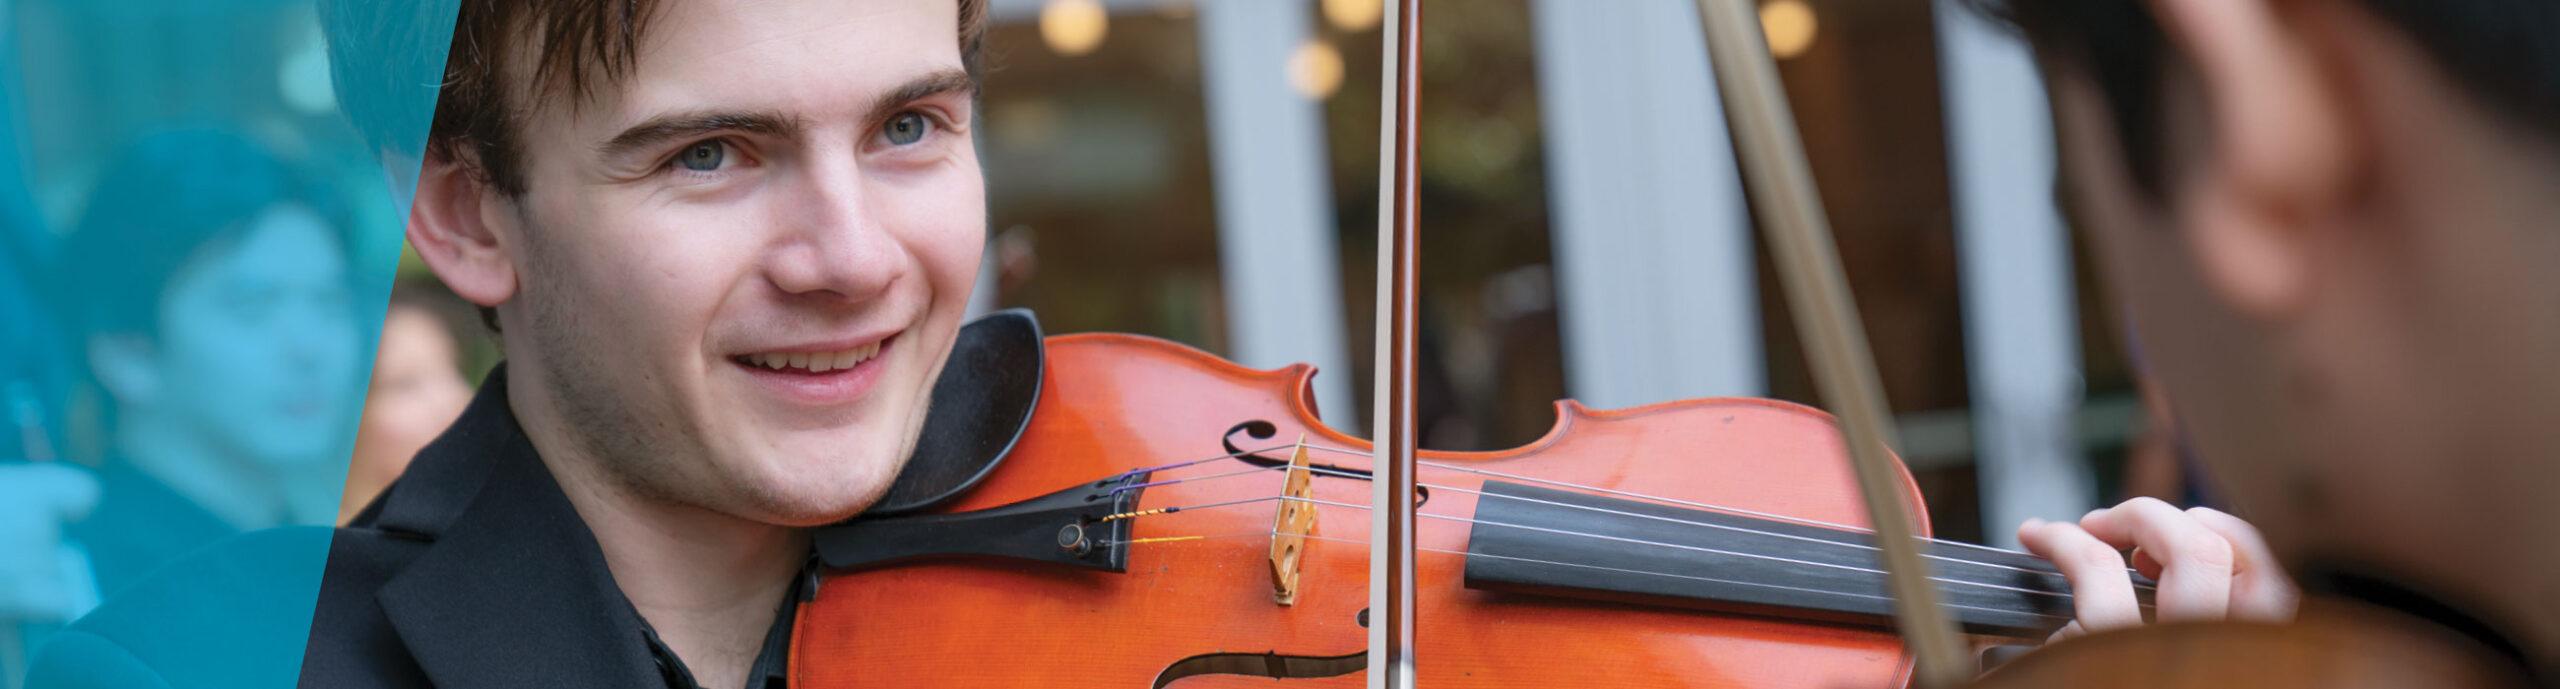 Violinist smiling